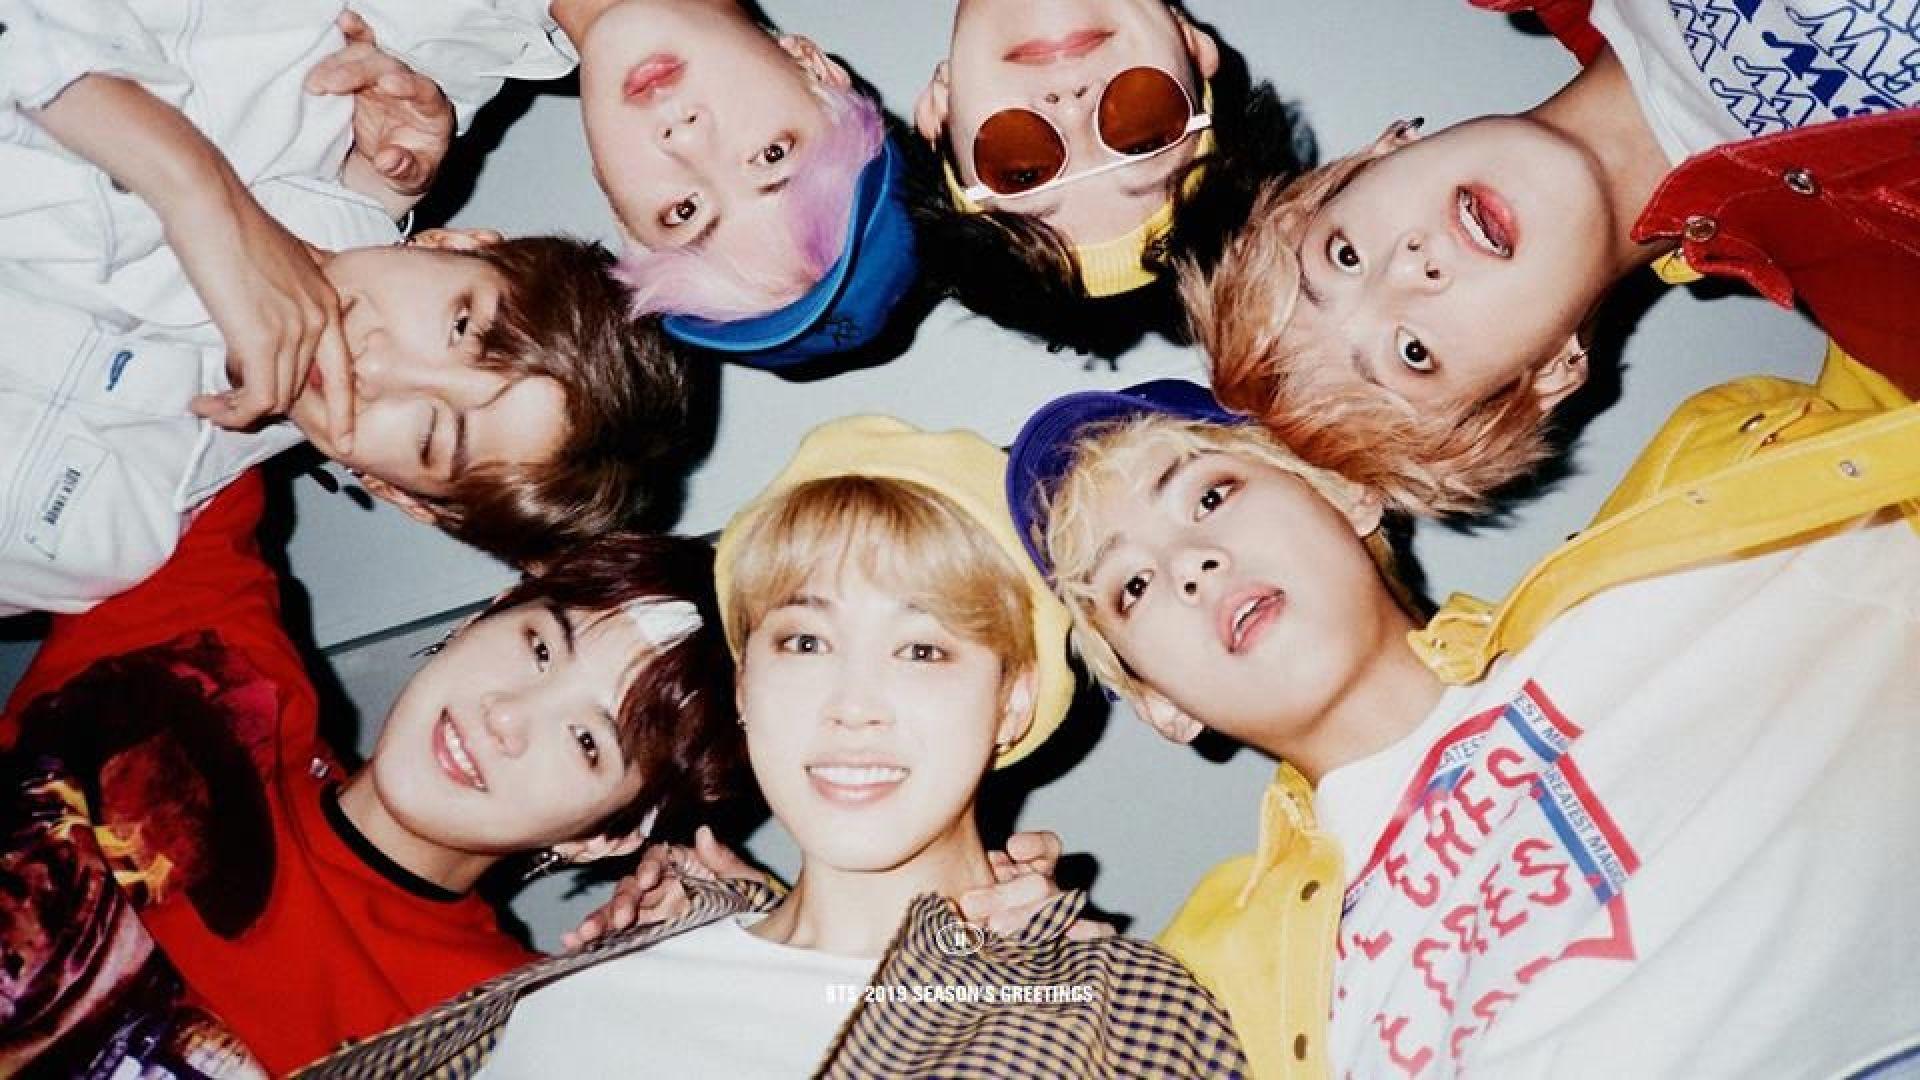 Кей-поп групата BTS внася $3,6 милиарда годишно в икономиката на Южна Корея